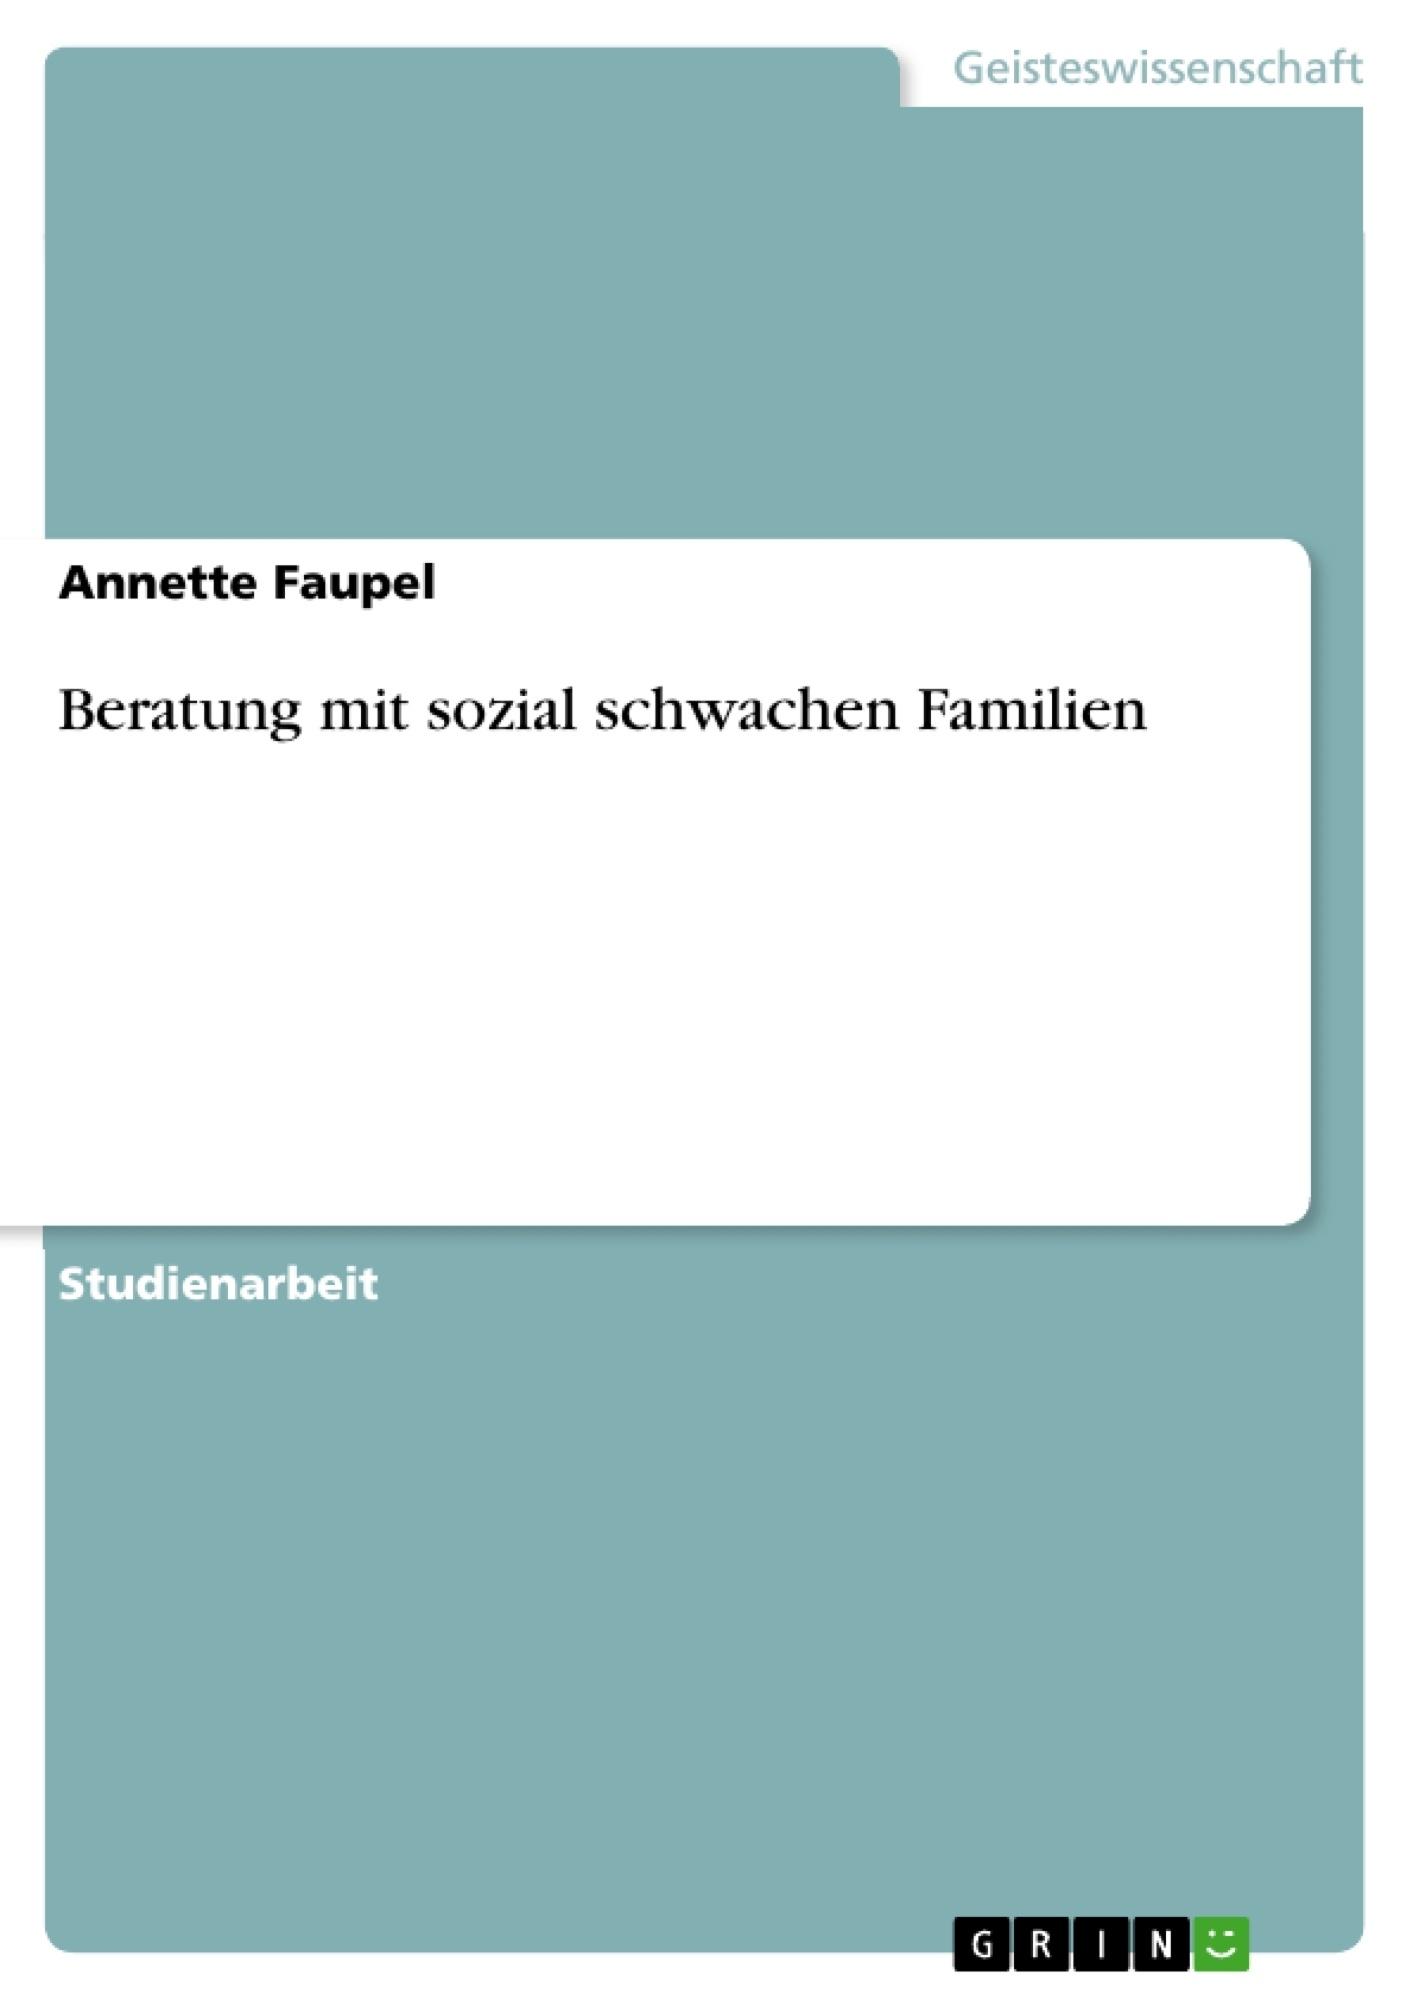 Titel: Beratung mit sozial schwachen Familien